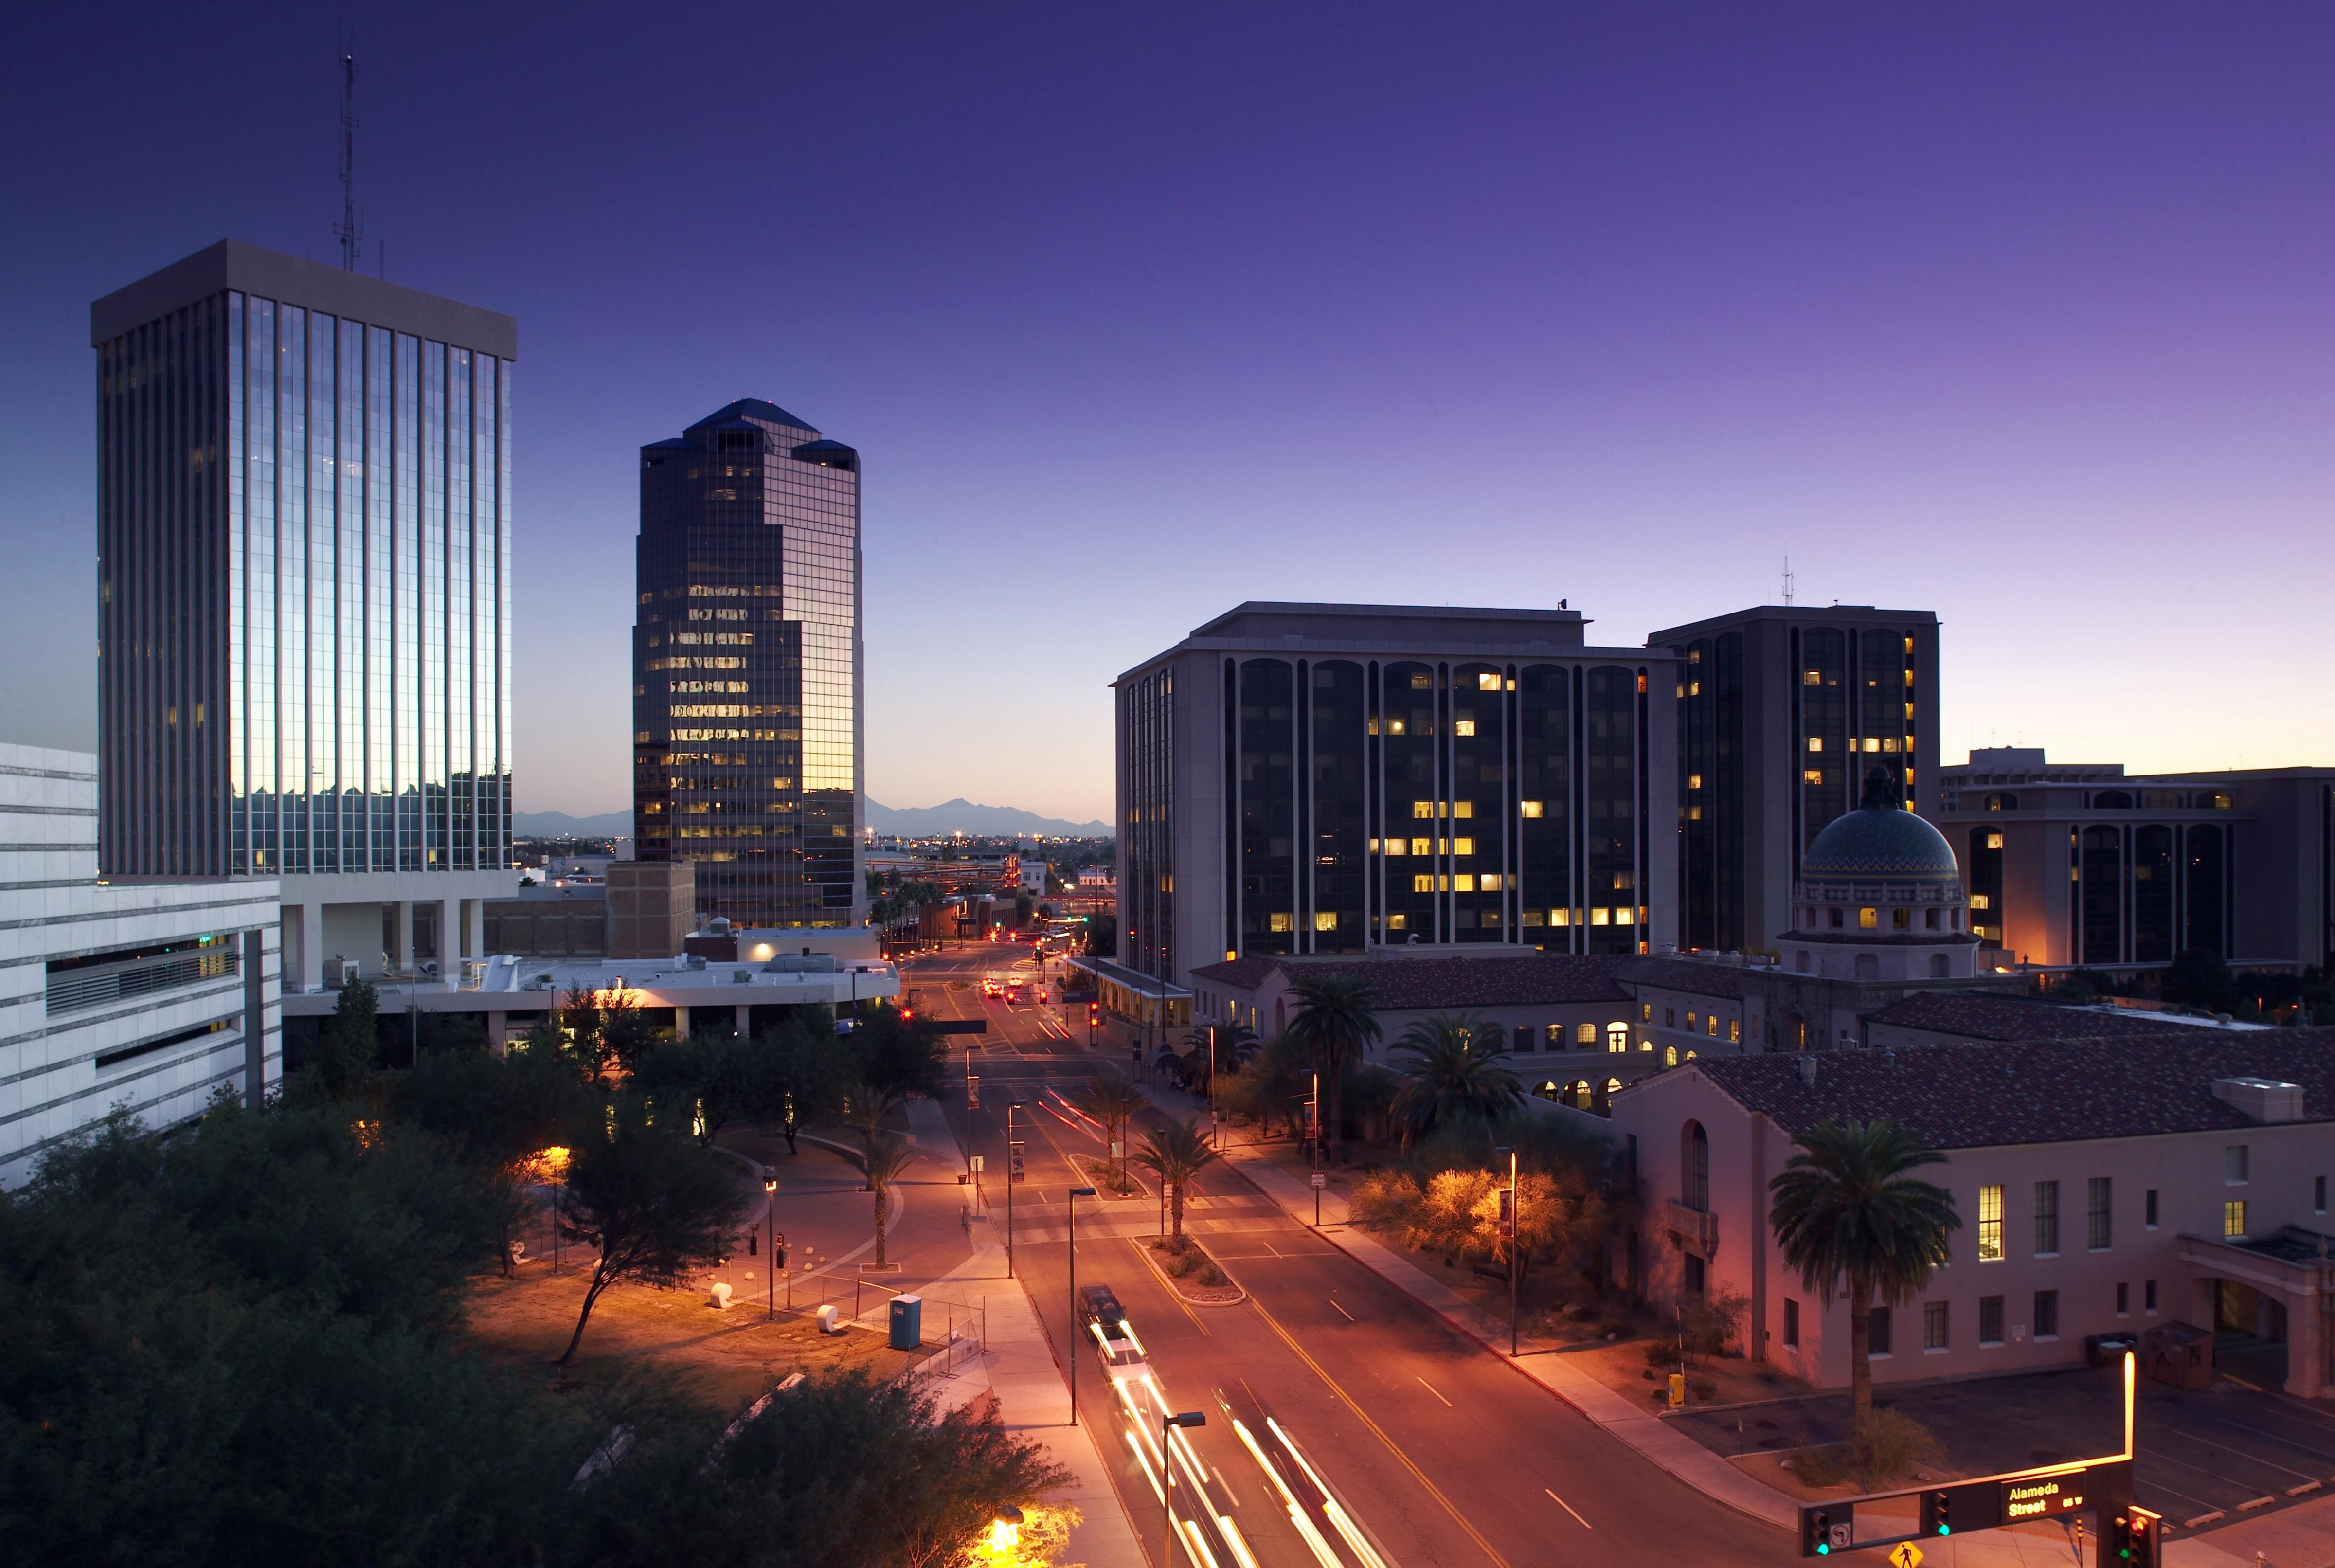 downtown tucson, arizona, usa